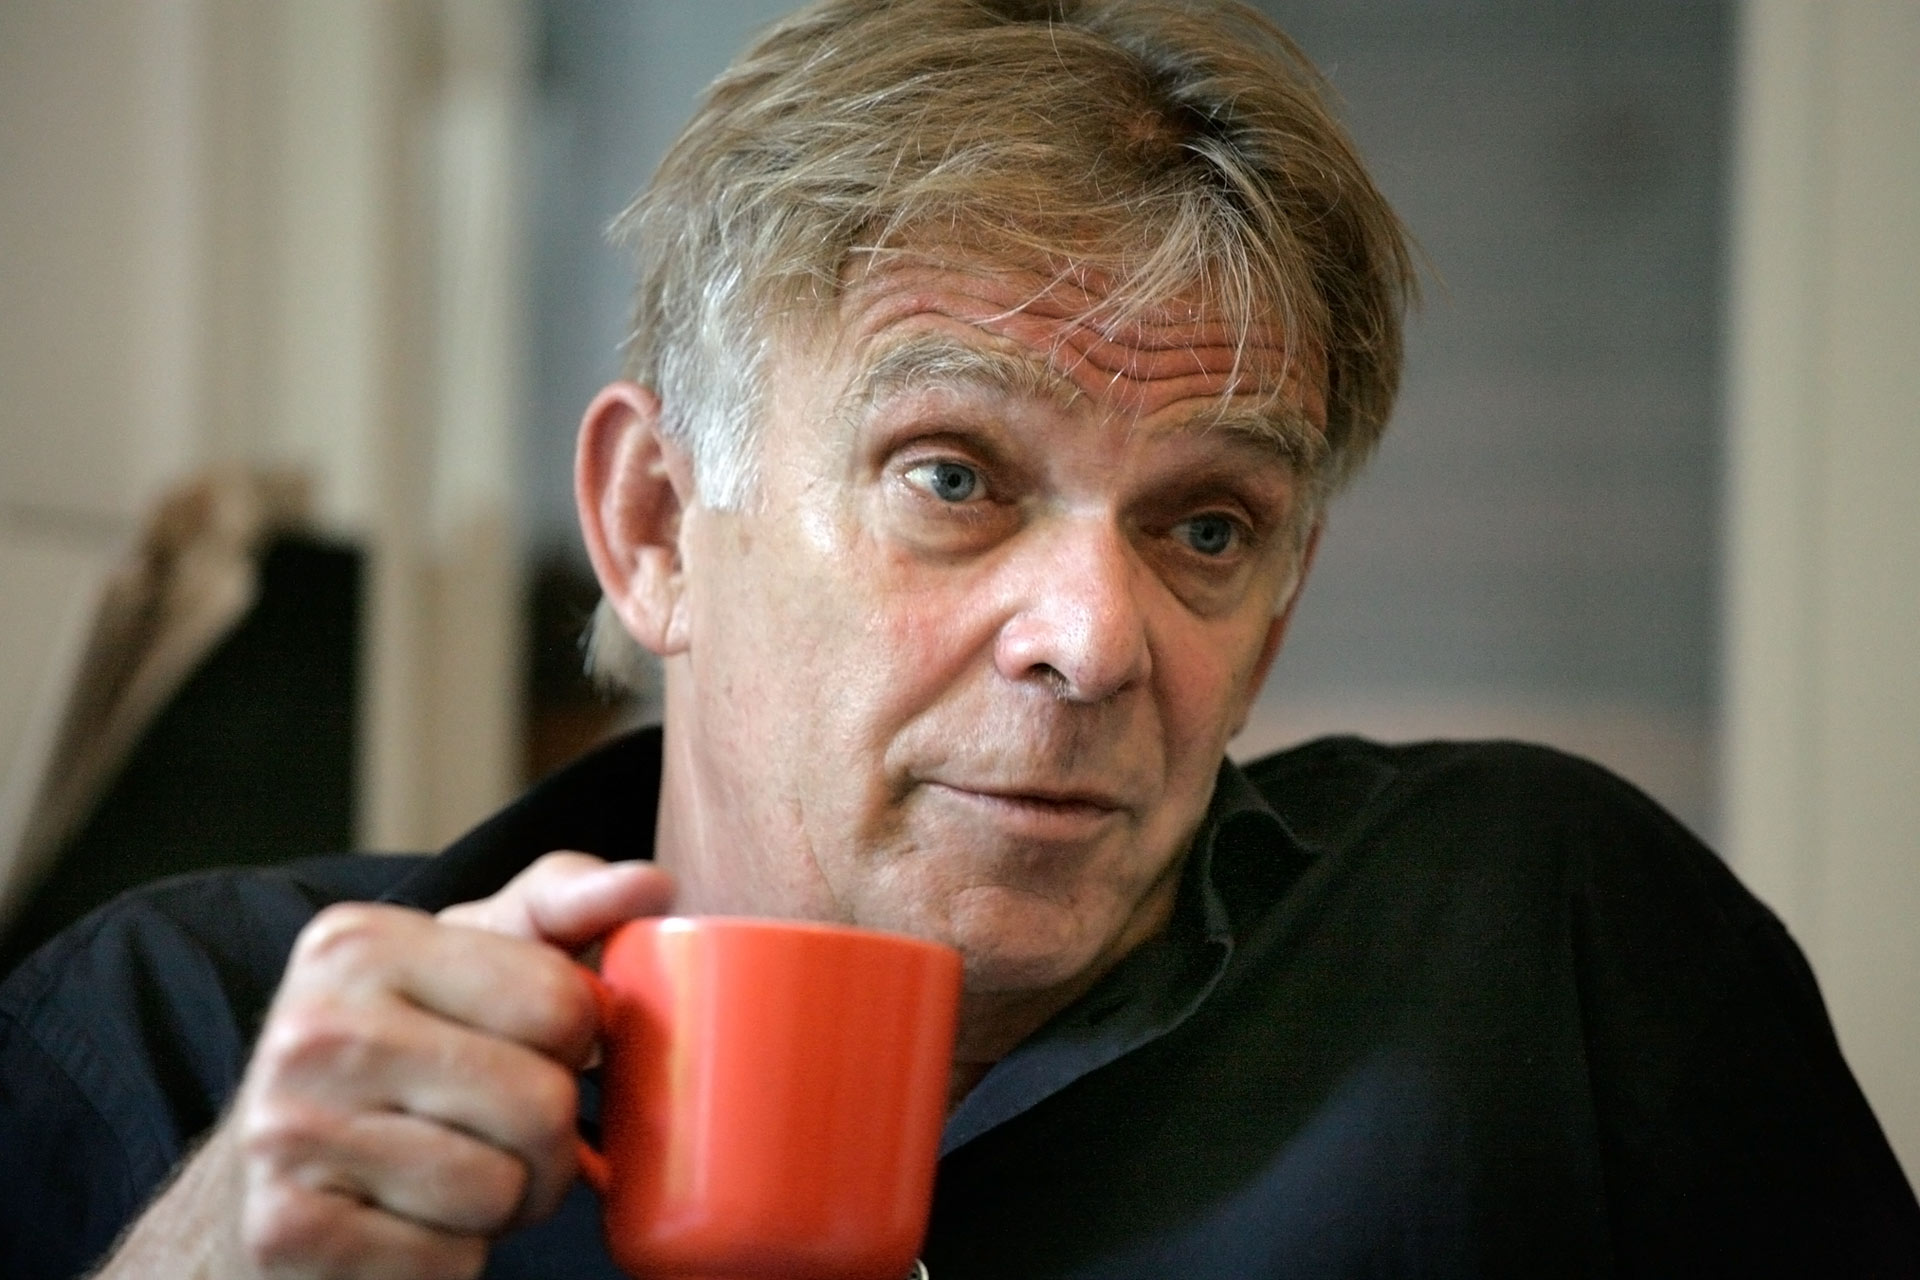 """""""Zehn Uhr früh. Der klassisch-sonnige Morgen in Freiburg... Er sieht richtig gut aus. Viel besser als bei unserem letzten Treffen. Das war vor einem Jahr bei seiner Abschiedsfeier als Trainer des SC Freiburg. Wir gehen in sein Büro. Er schaltet die Kaffeemaschine an..."""""""